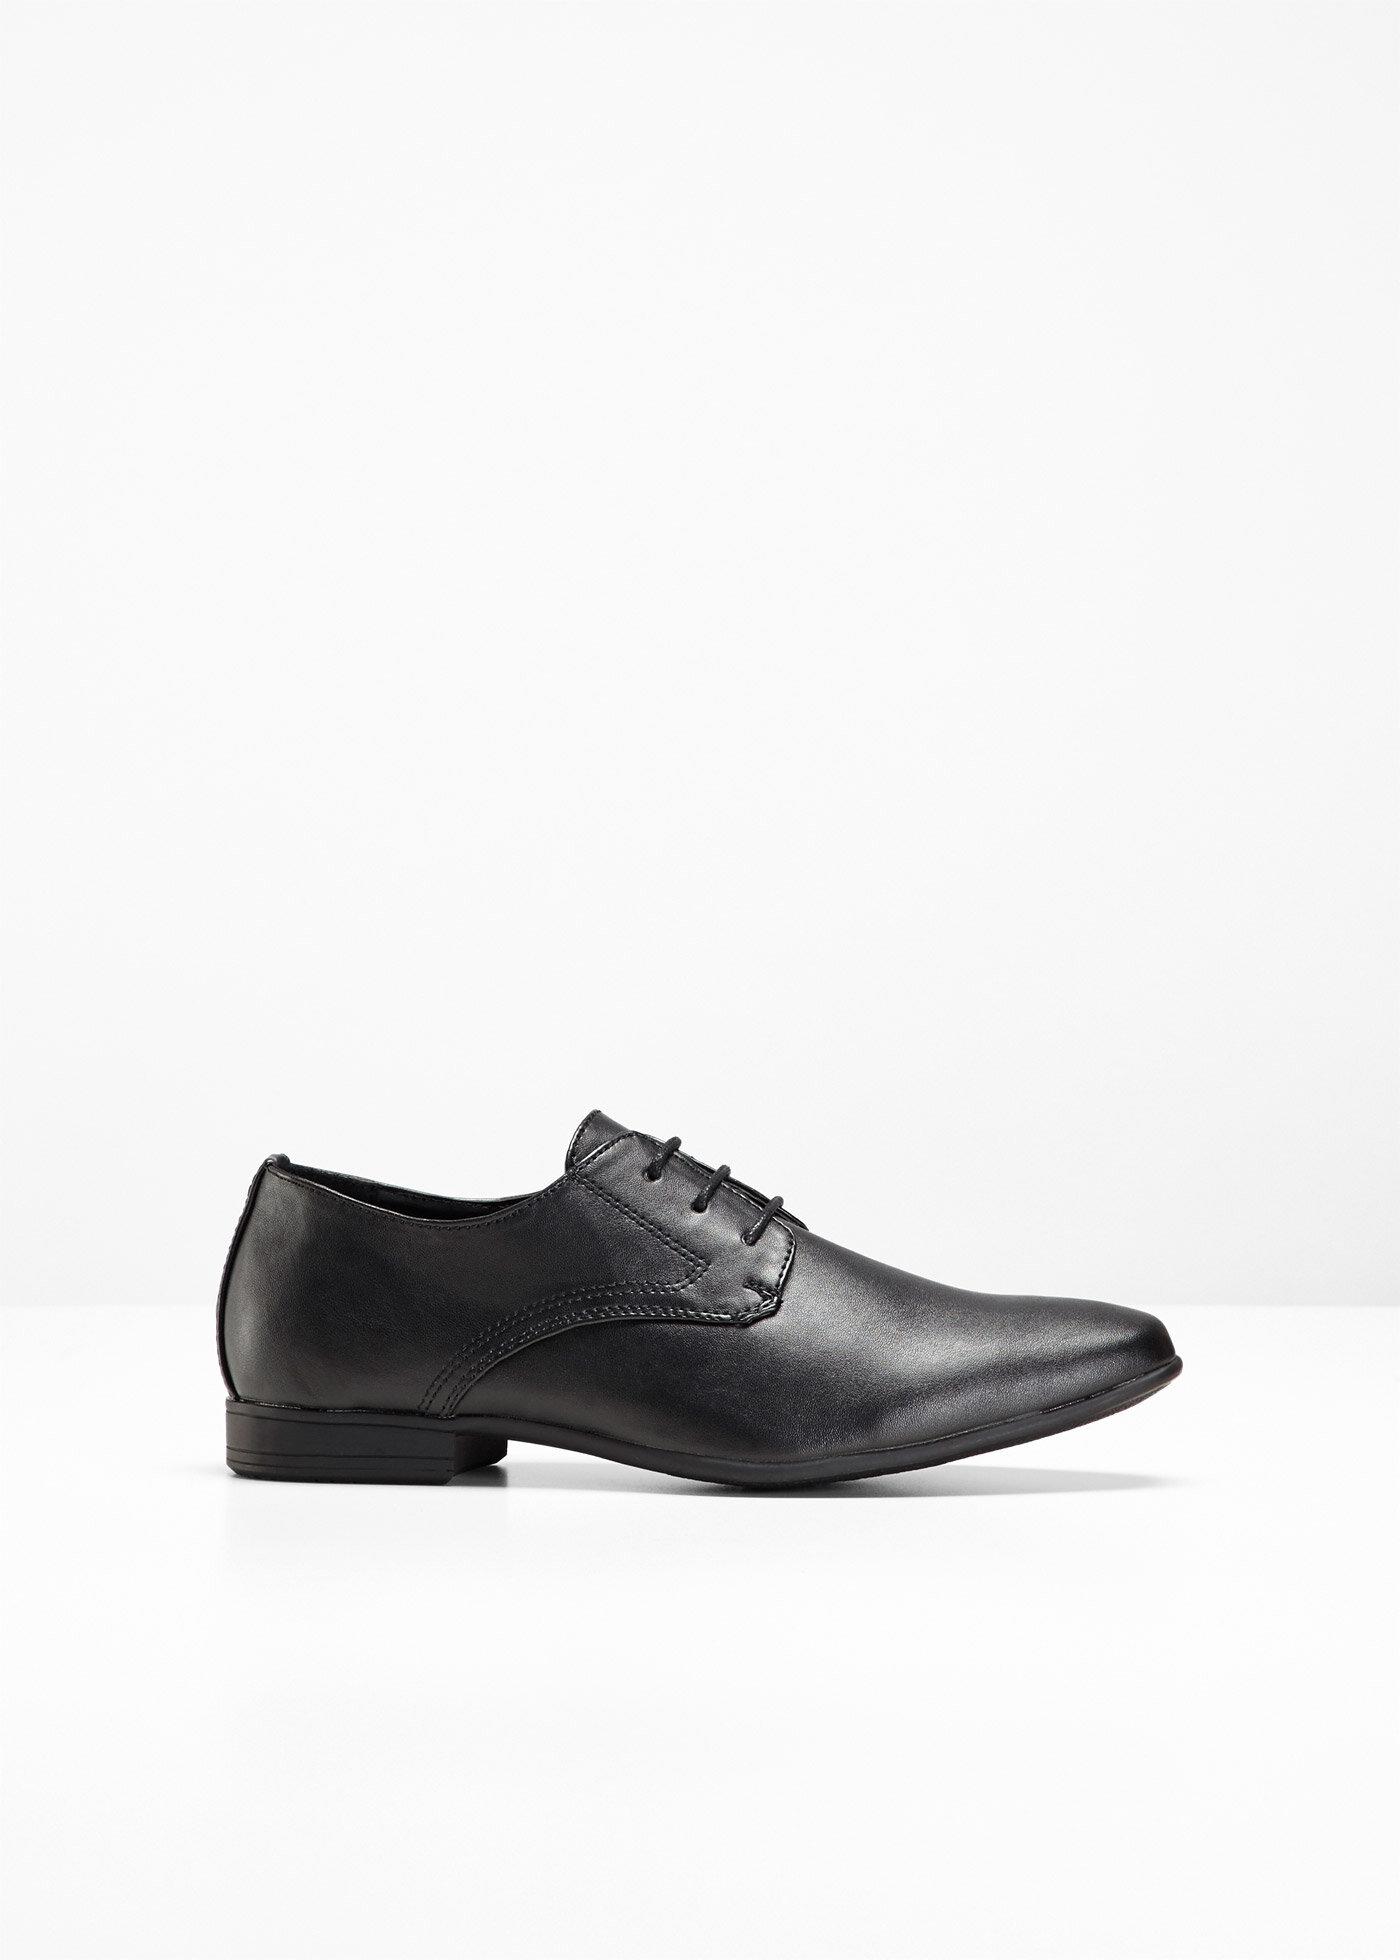 007b57f55 Туфли мужские на шнурках купить в интернет магазине 👍